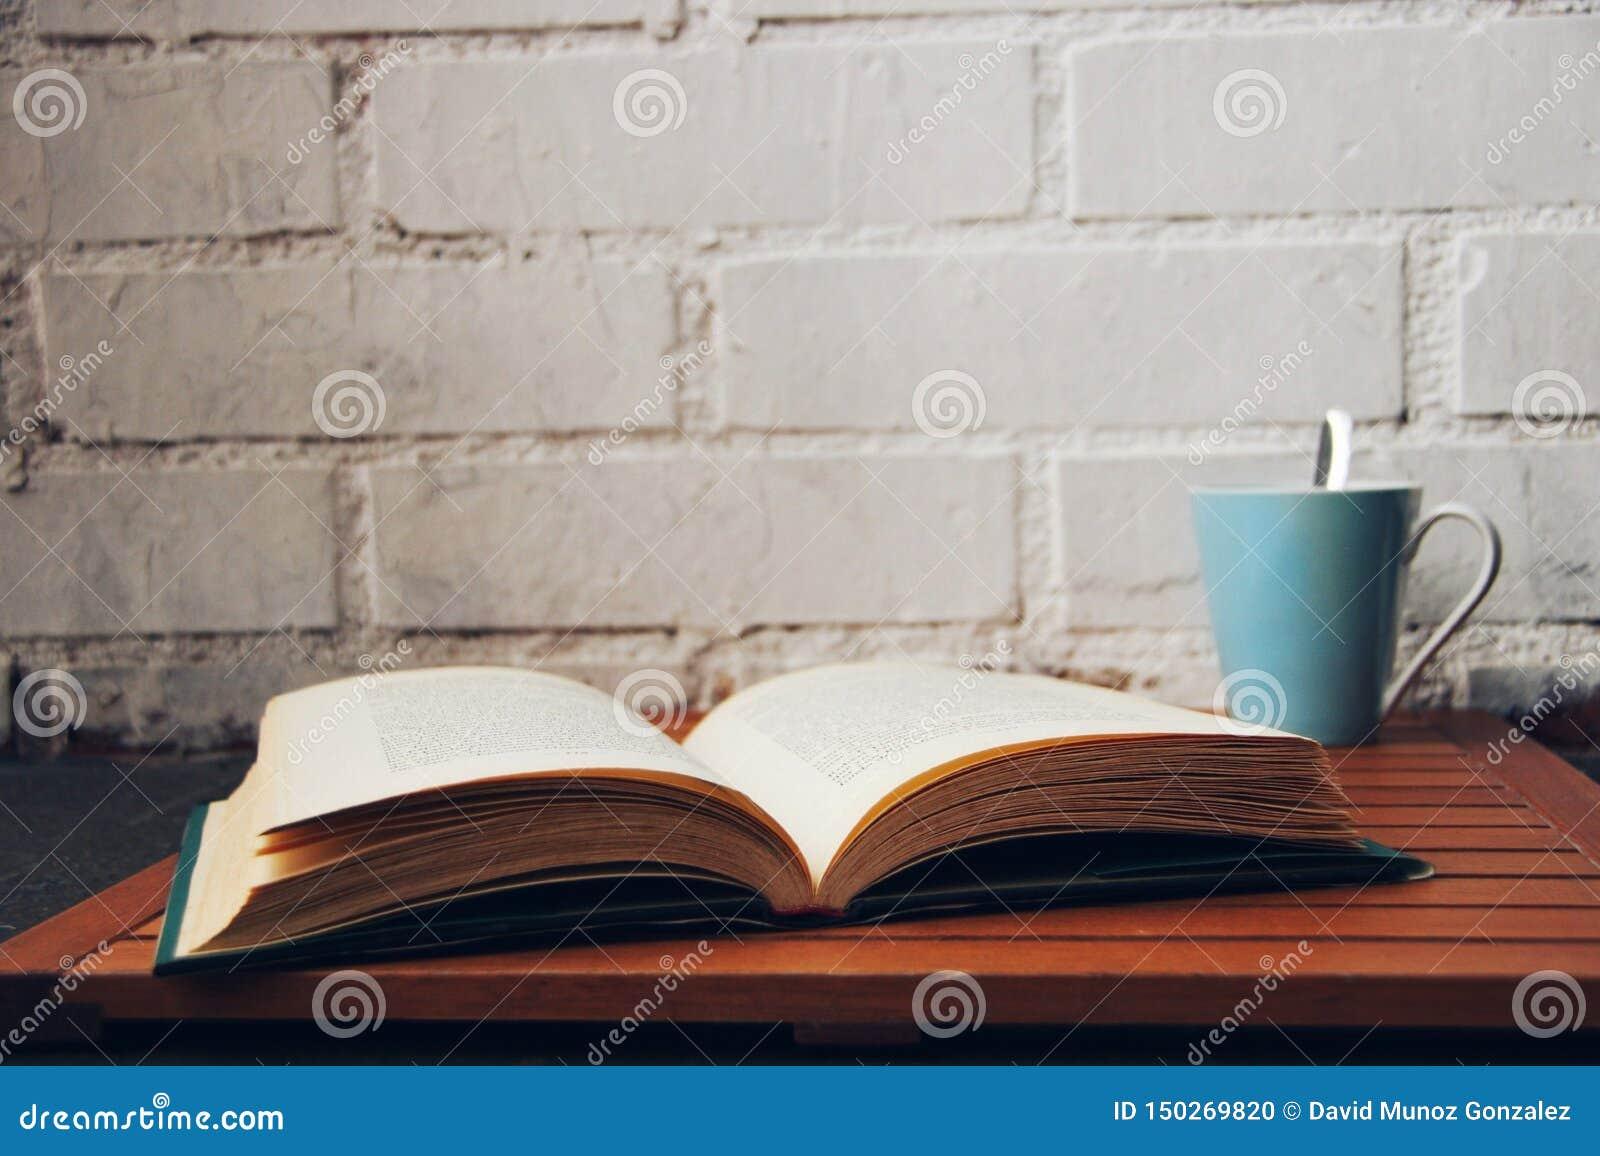 Libro aperto accanto ad una tazza di caffè